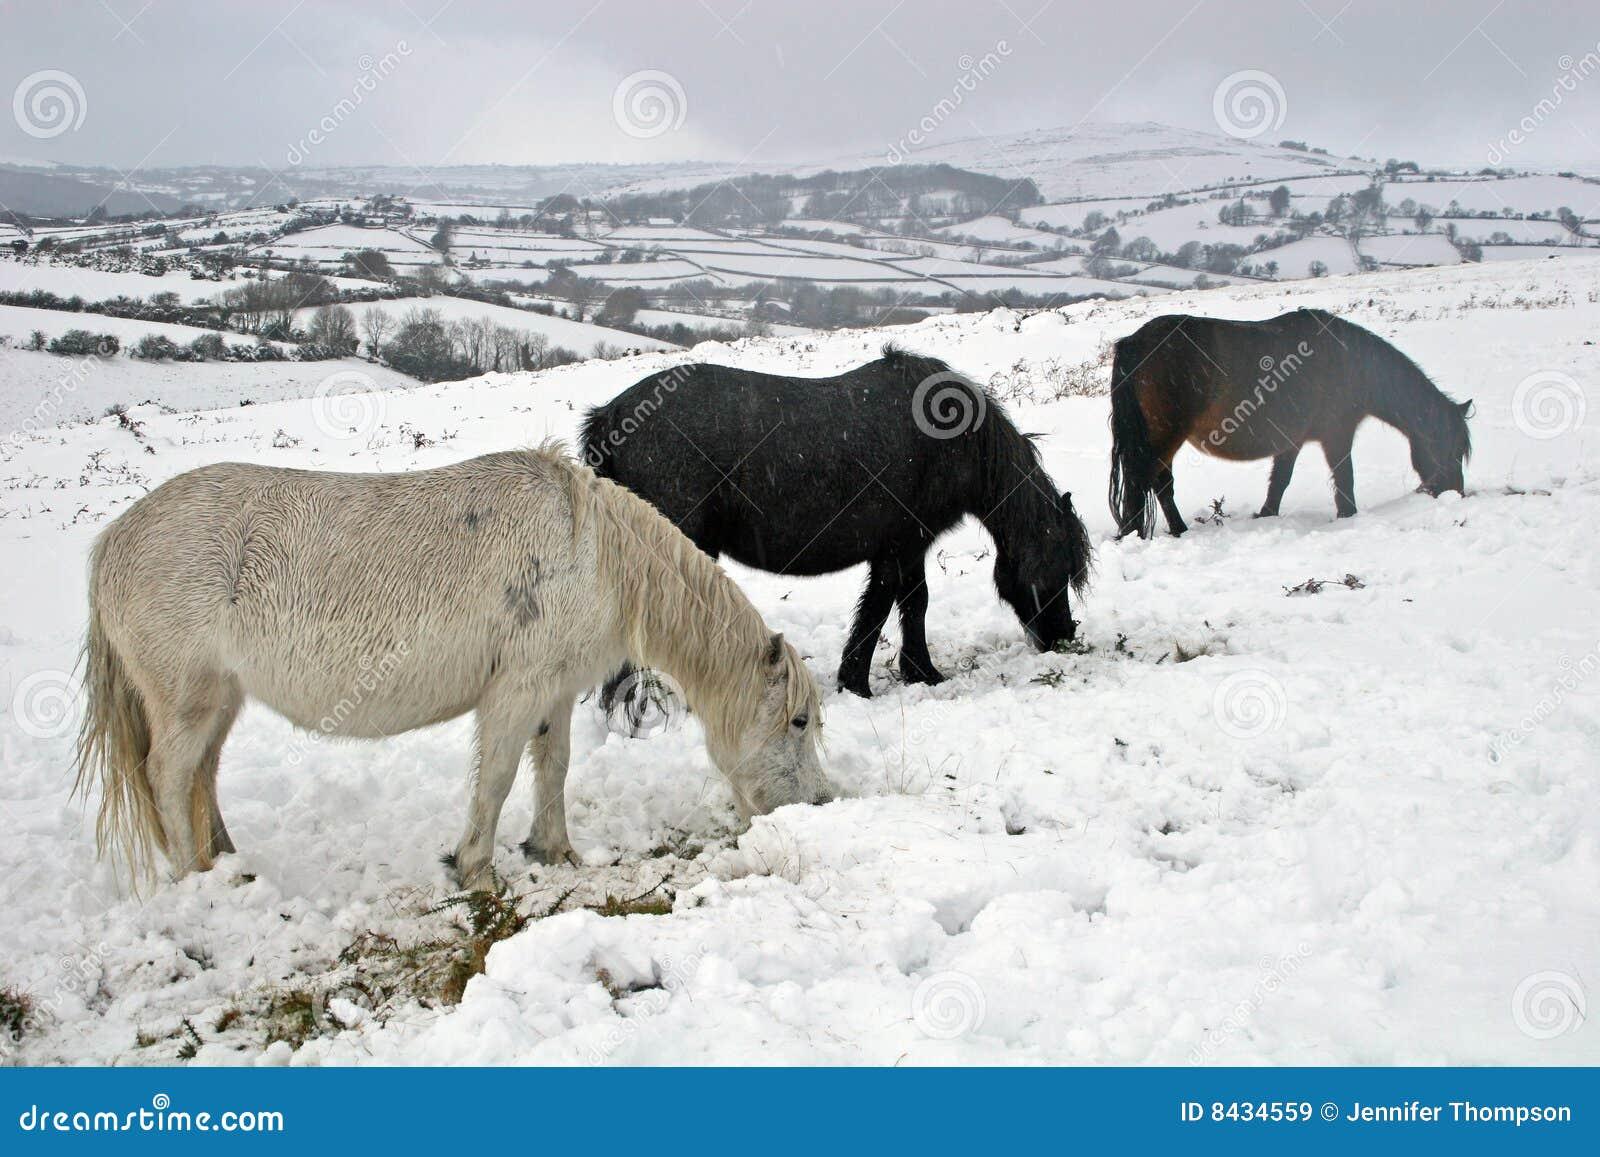 Dartmoor wild ponies in the snow